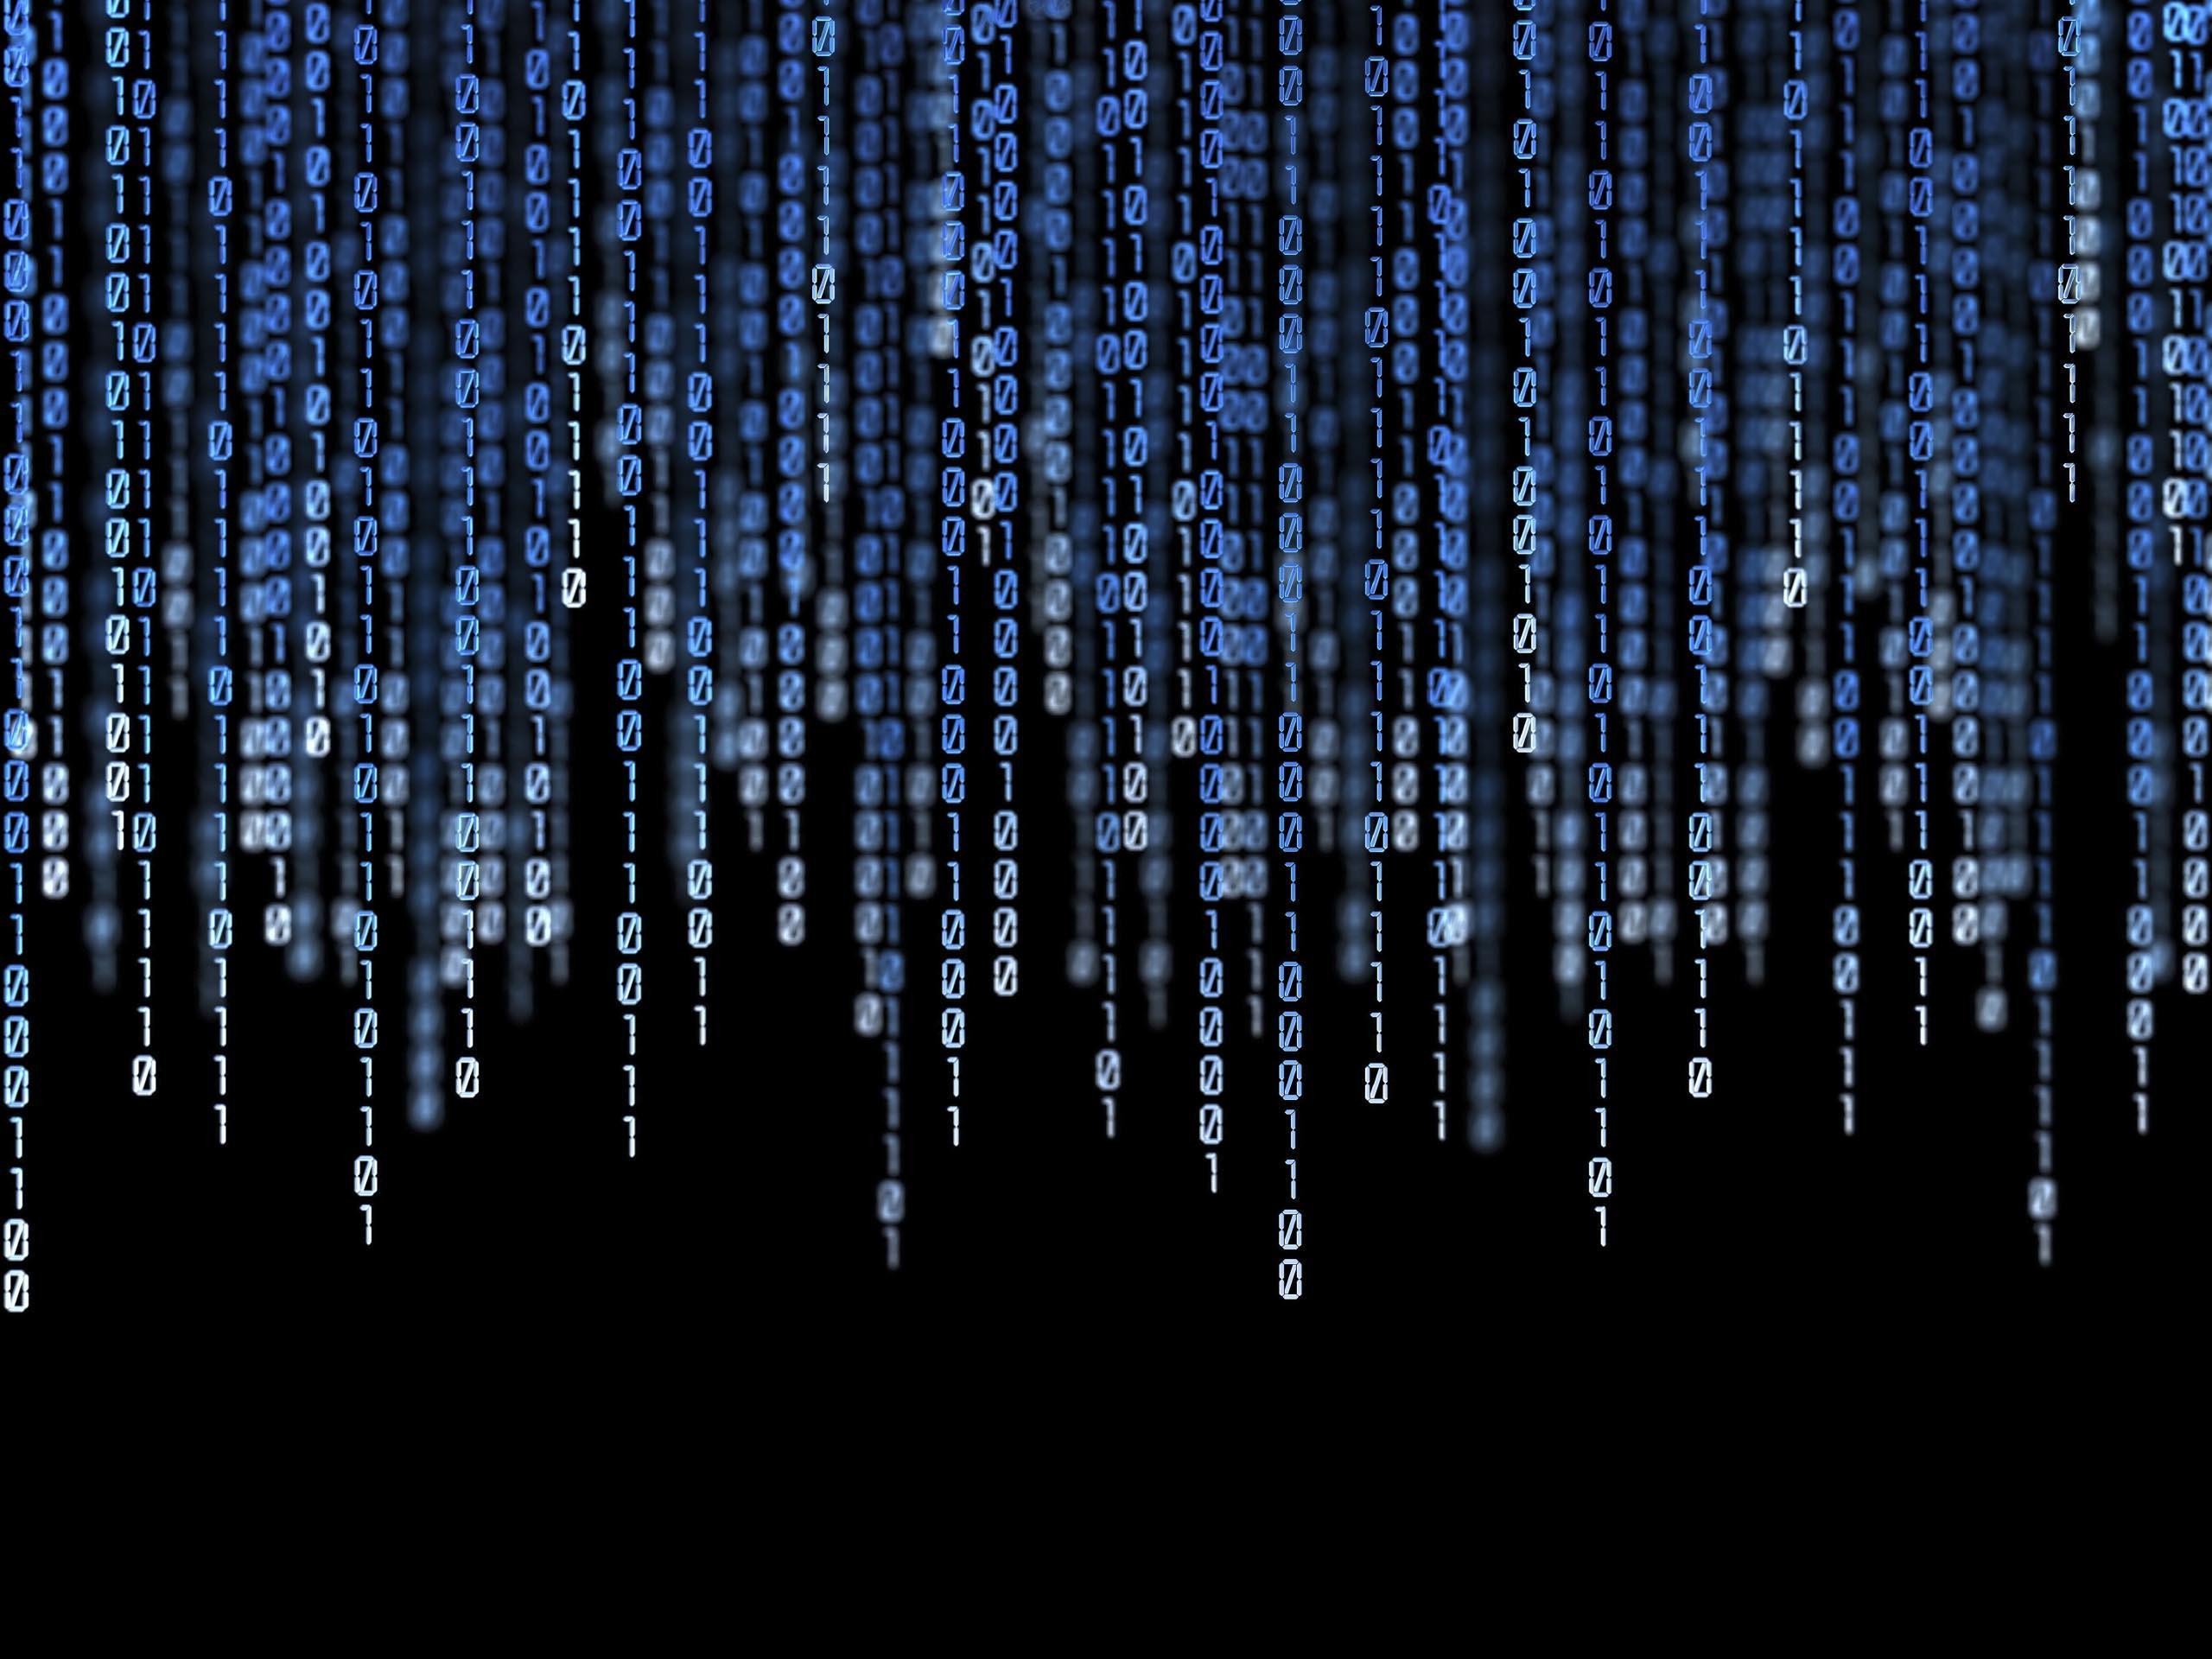 Программирование, как новый вид человеческой деятельности